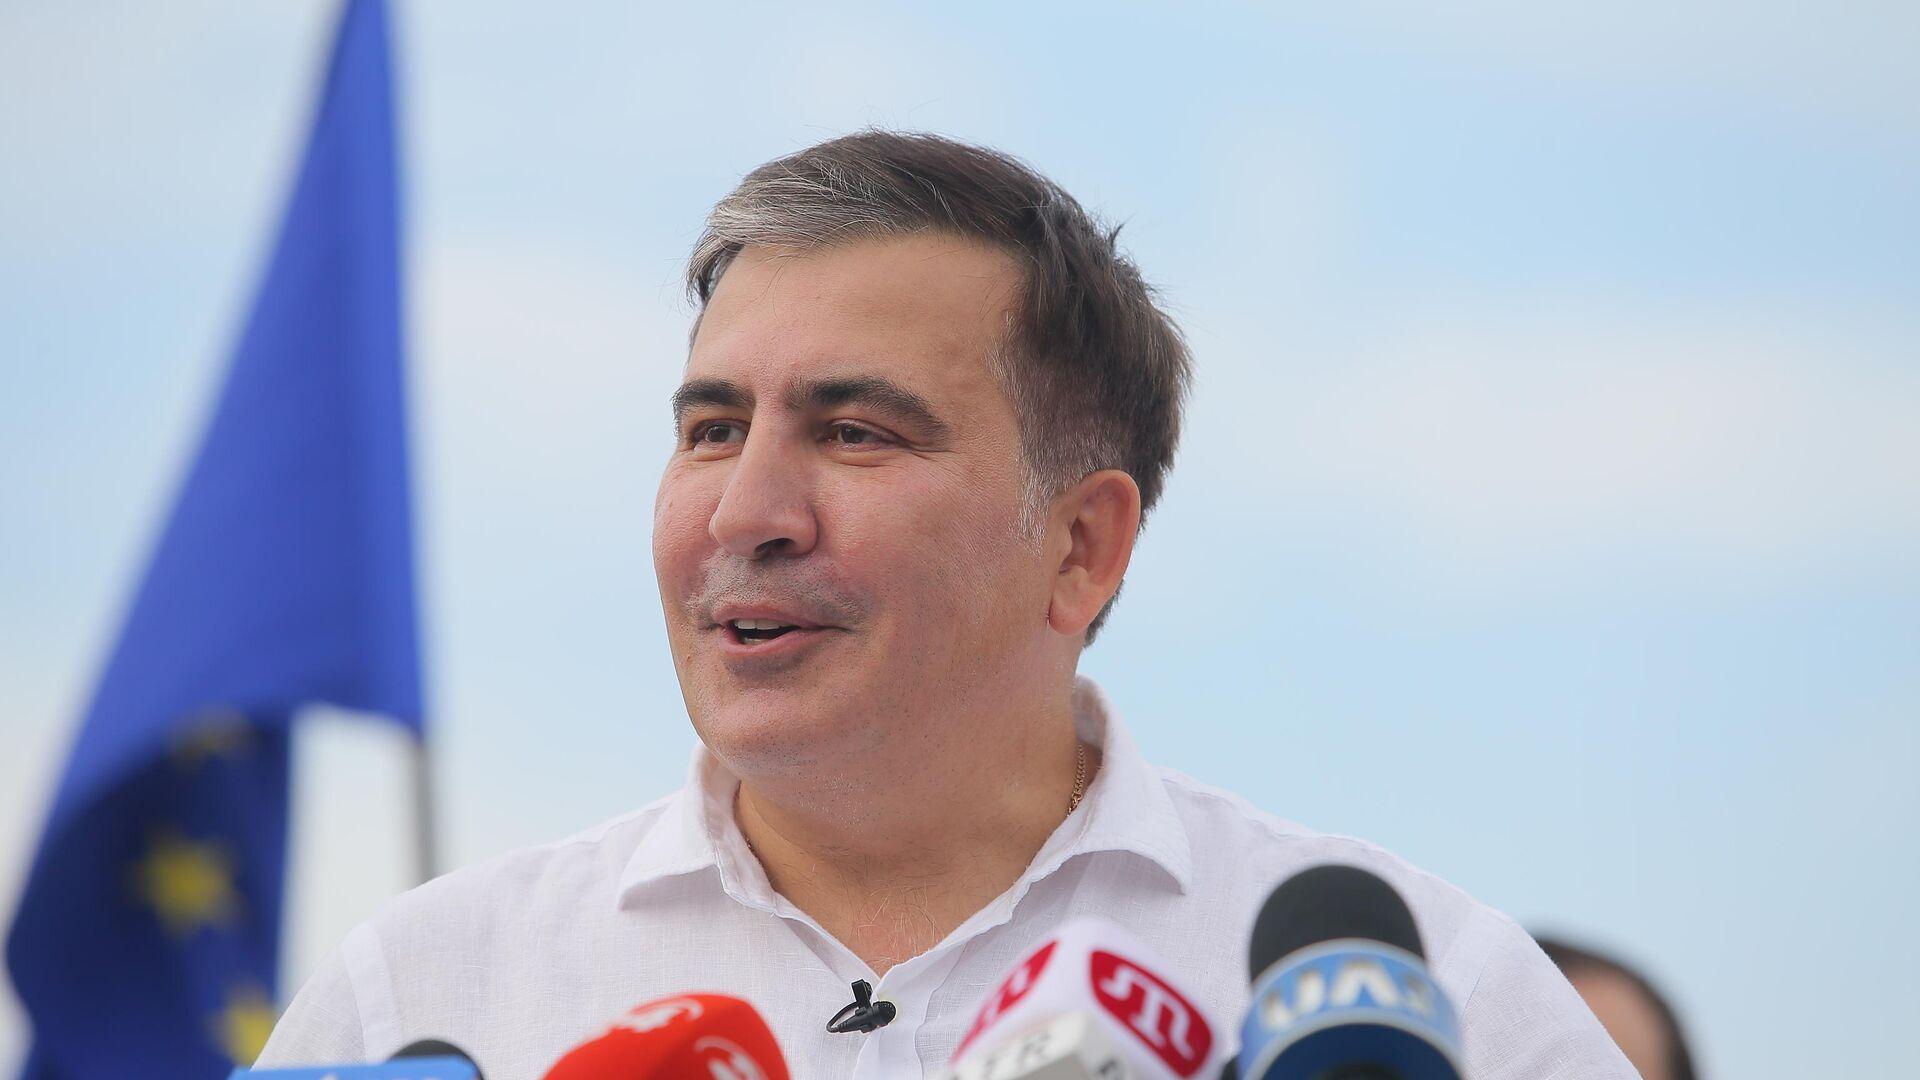 Лидер политической партии Движение новых сил Михаил Саакашвили на пресс-конференции в Киеве. 13 июня 2019 - РИА Новости, 1920, 09.10.2021